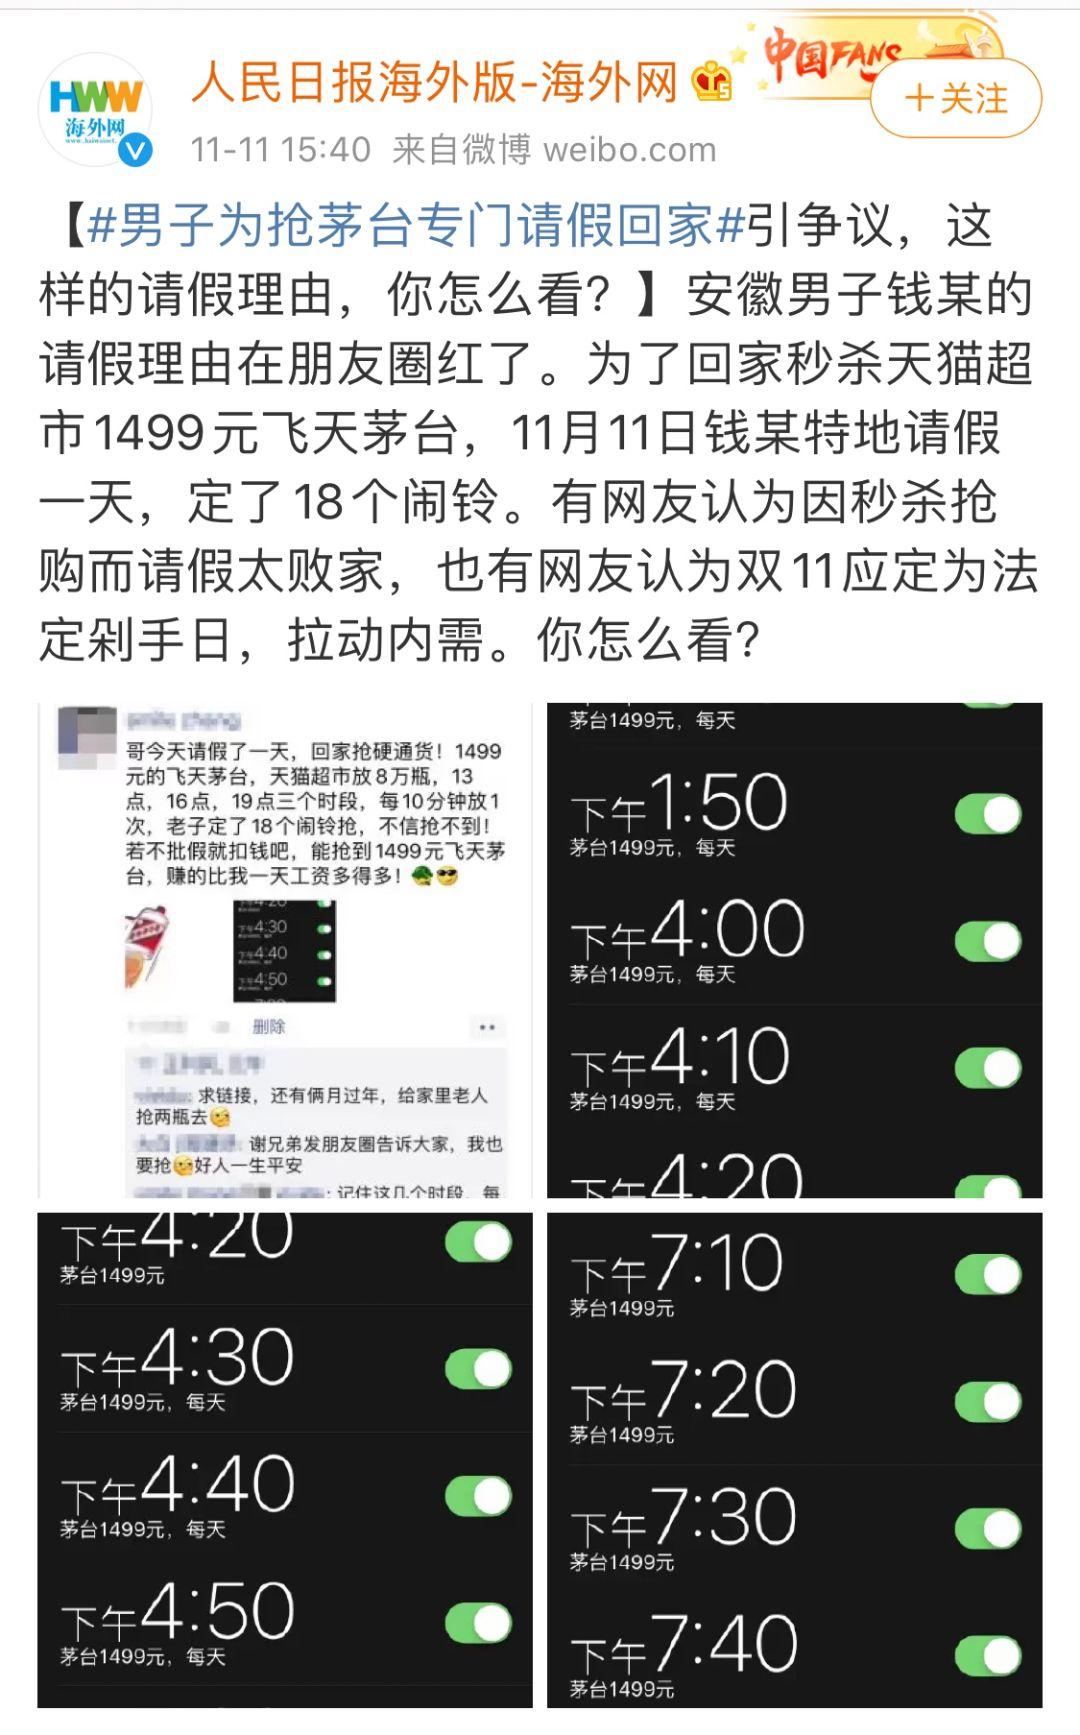 k8彩票开奖网站|衡水高新区26亿元文化教育创新园停滞 一期征地未完